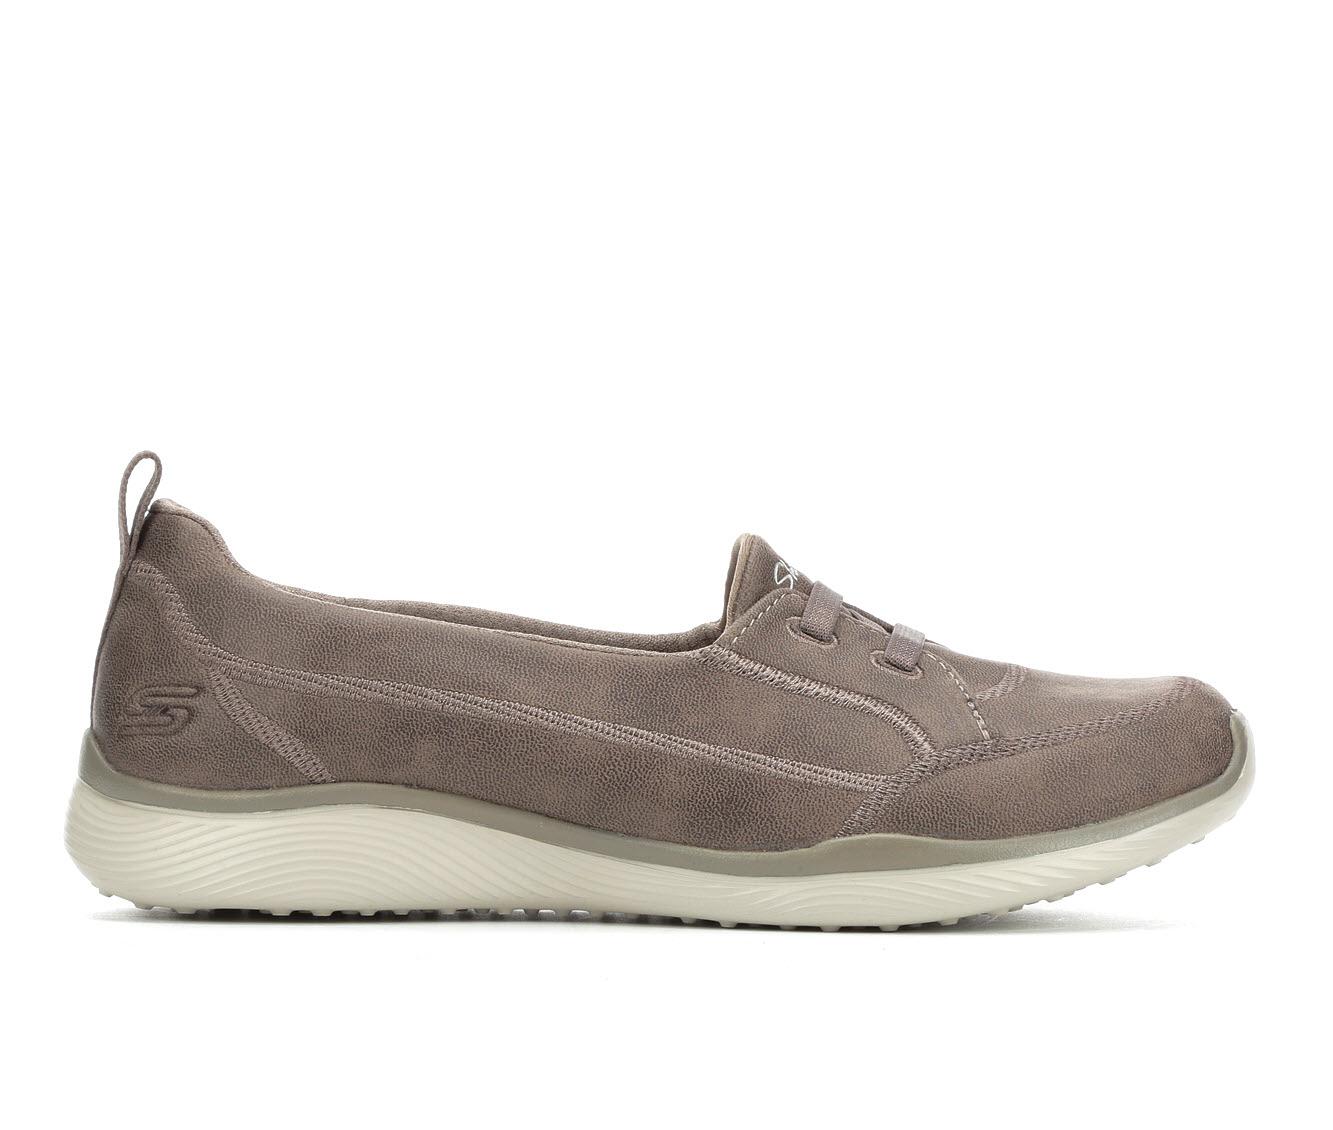 Skechers World Class 23489 Women's Shoe (Brown Faux Leather)